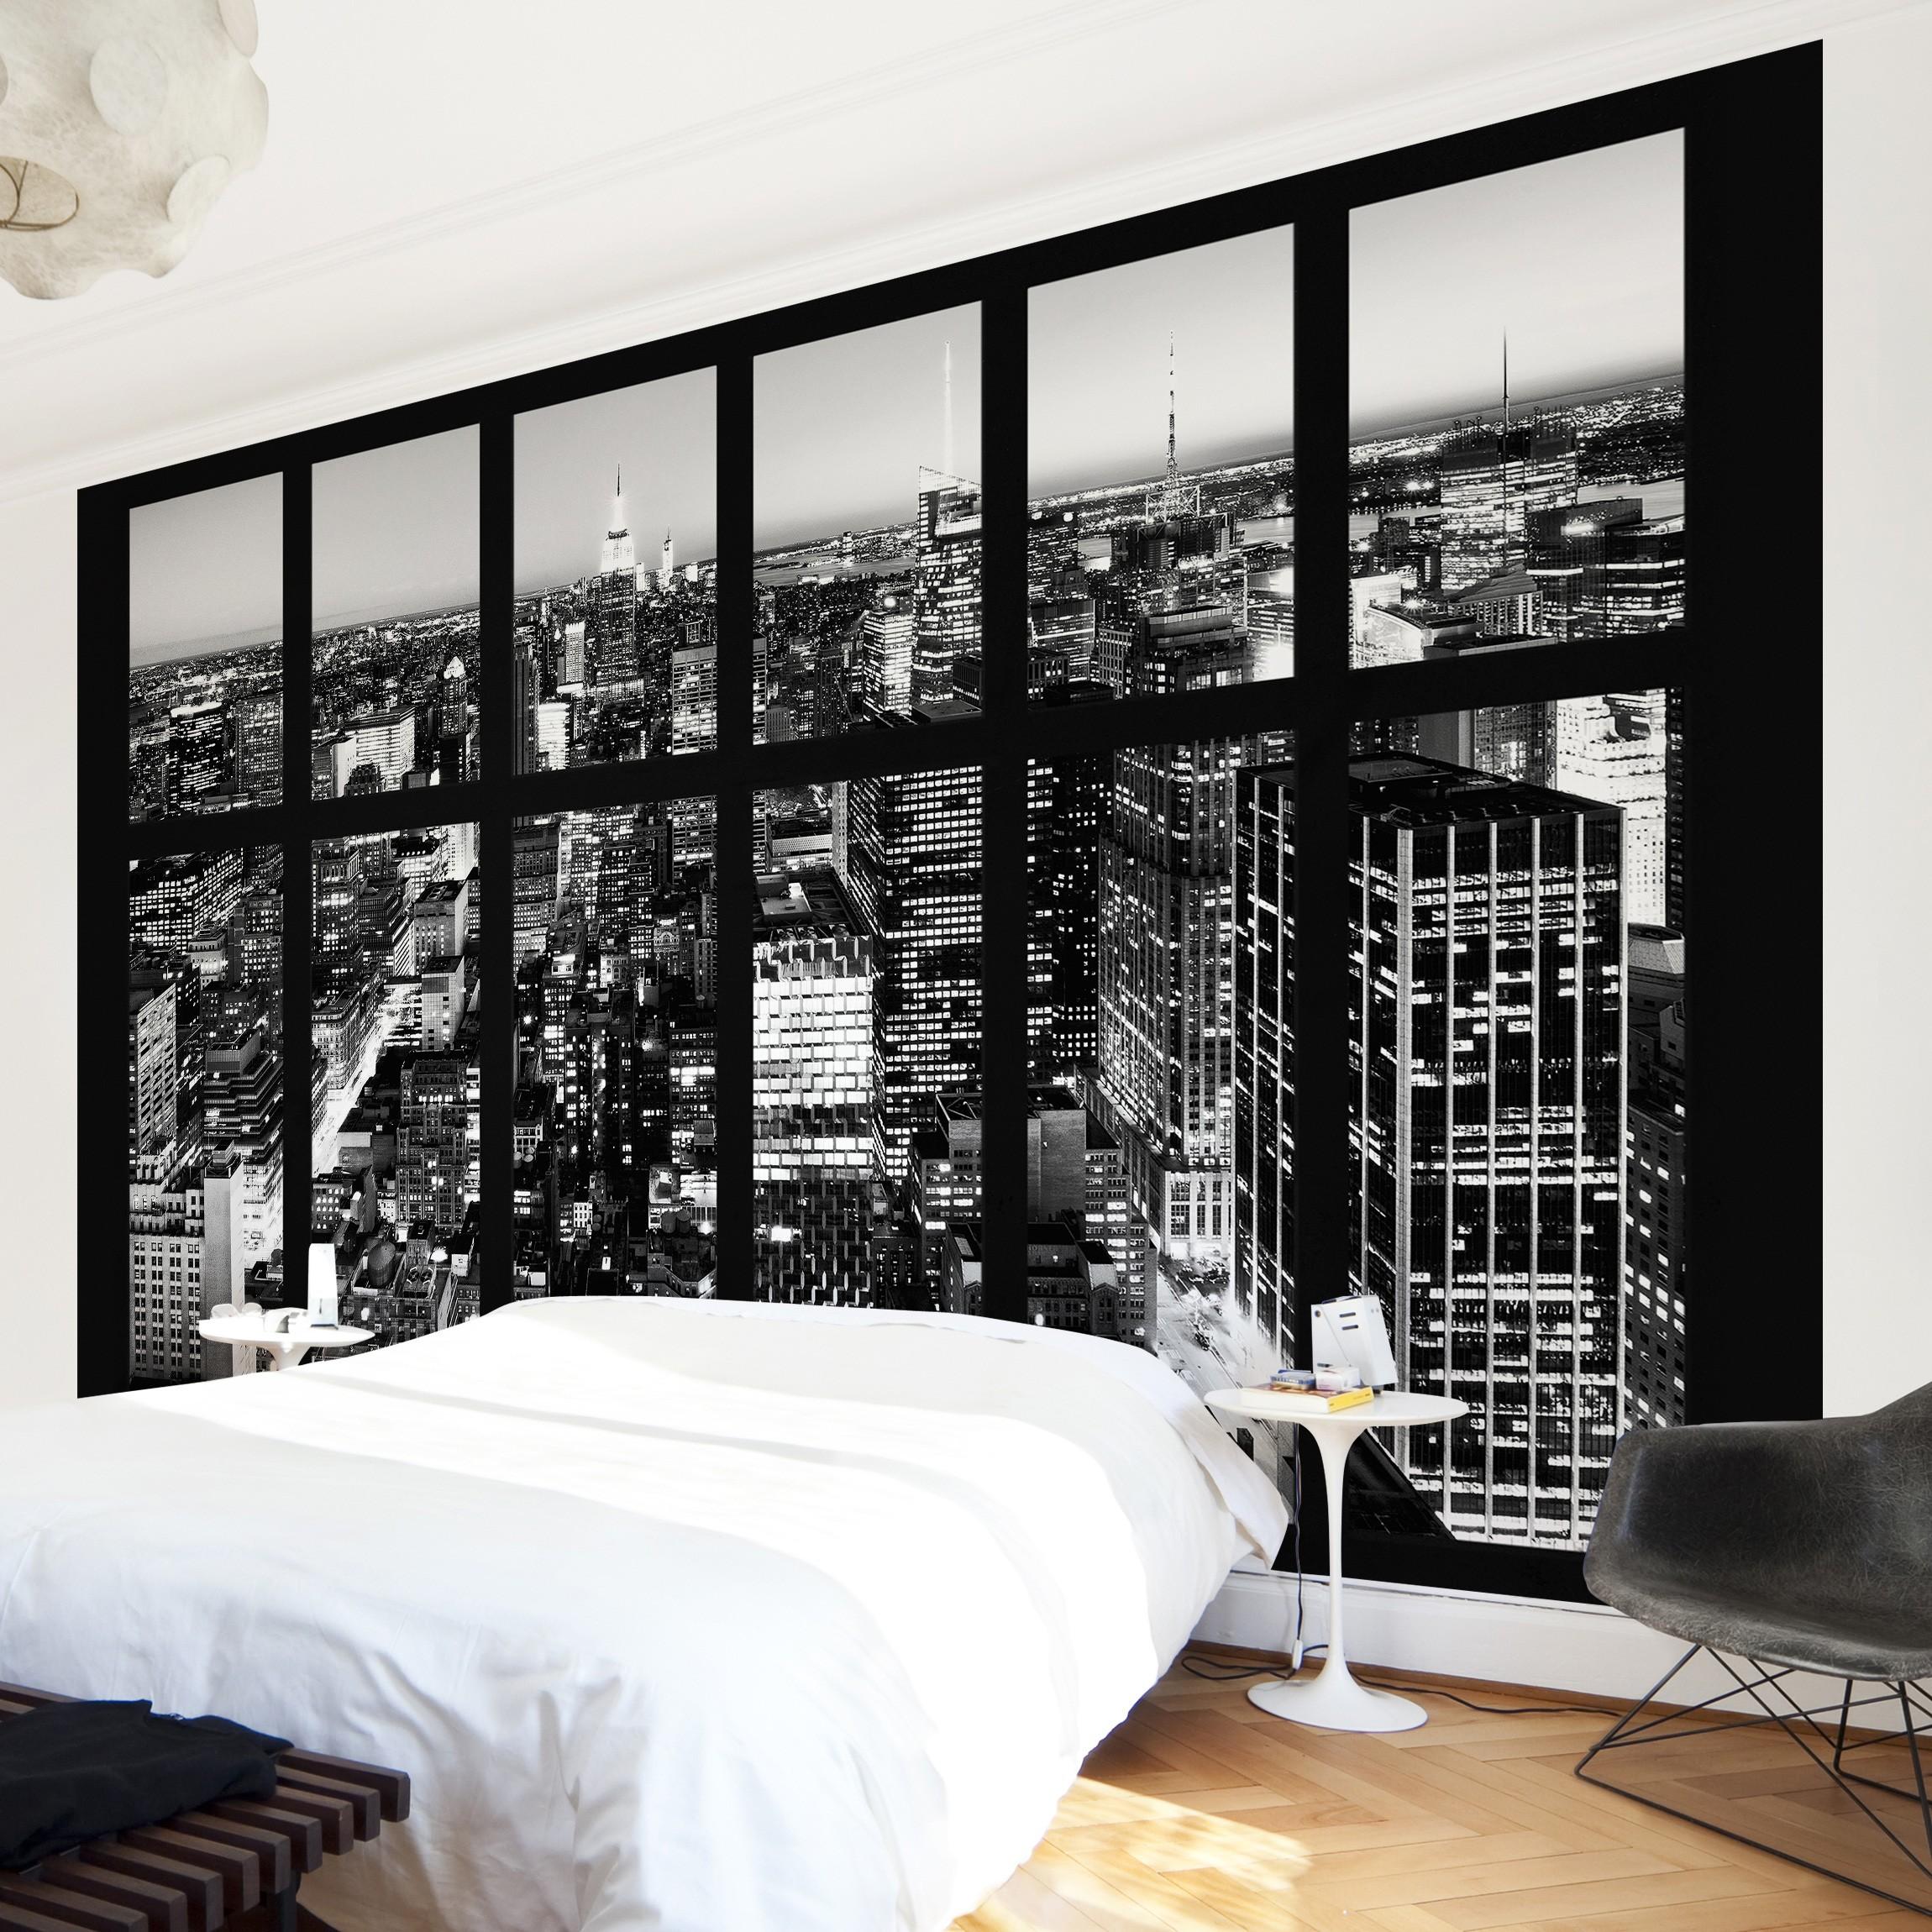 new york fototapete selbstklebend fensterblick manhattan skyline schwarz weiss. Black Bedroom Furniture Sets. Home Design Ideas